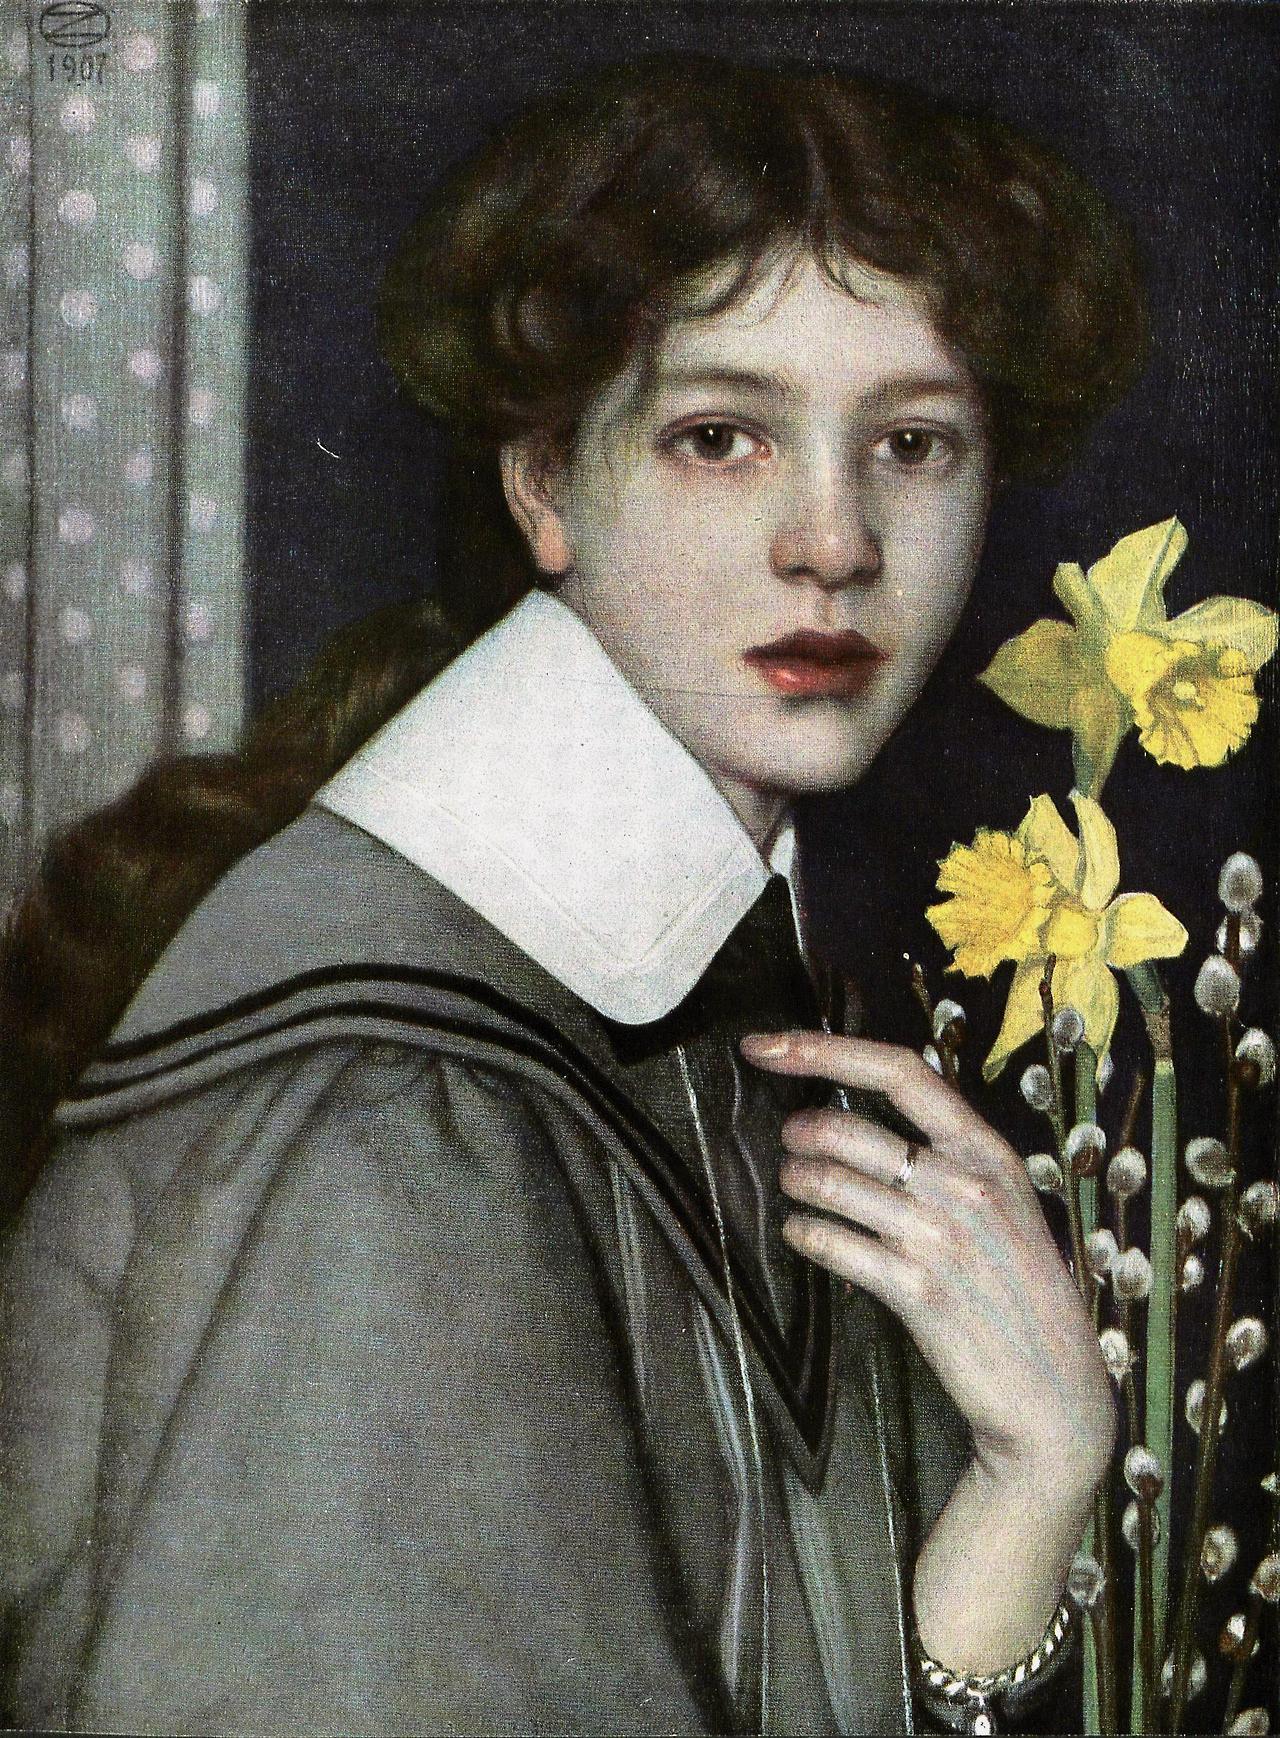 Портрет с желтыми нарциссами (Bildnis mit gelben Narzissen), 1907